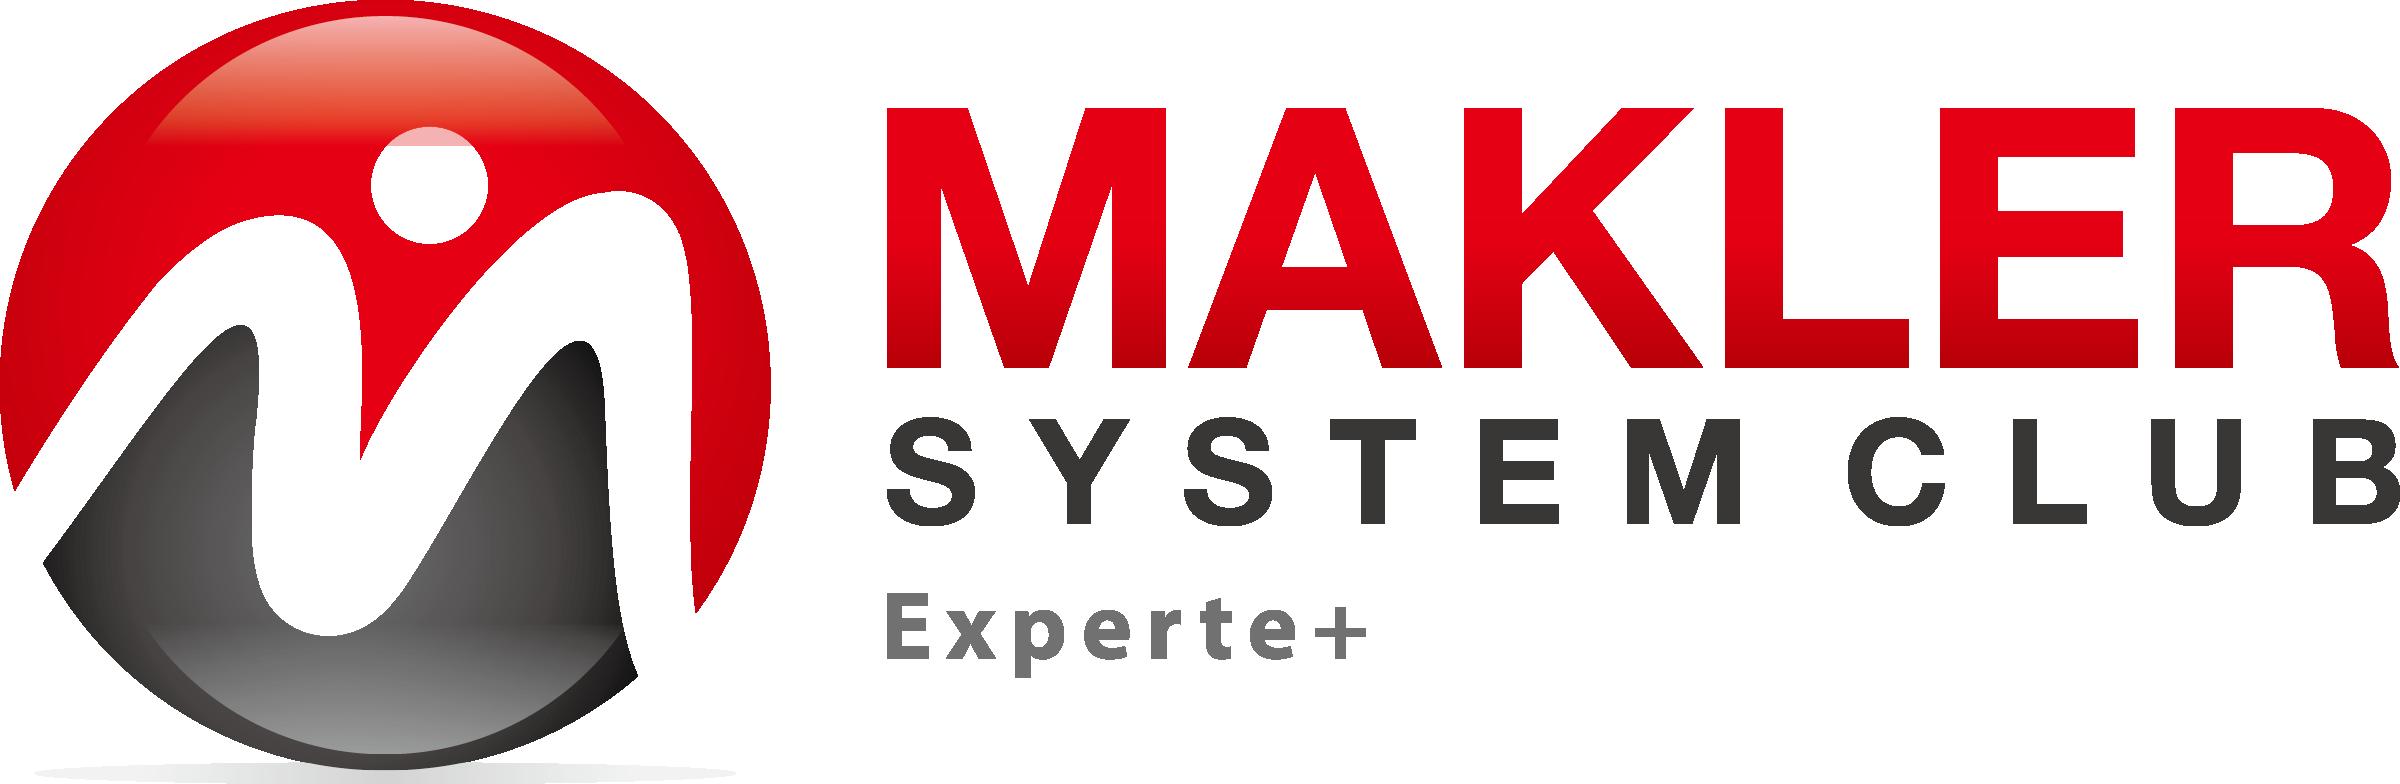 Experten + Auszeichnung Makler System Club